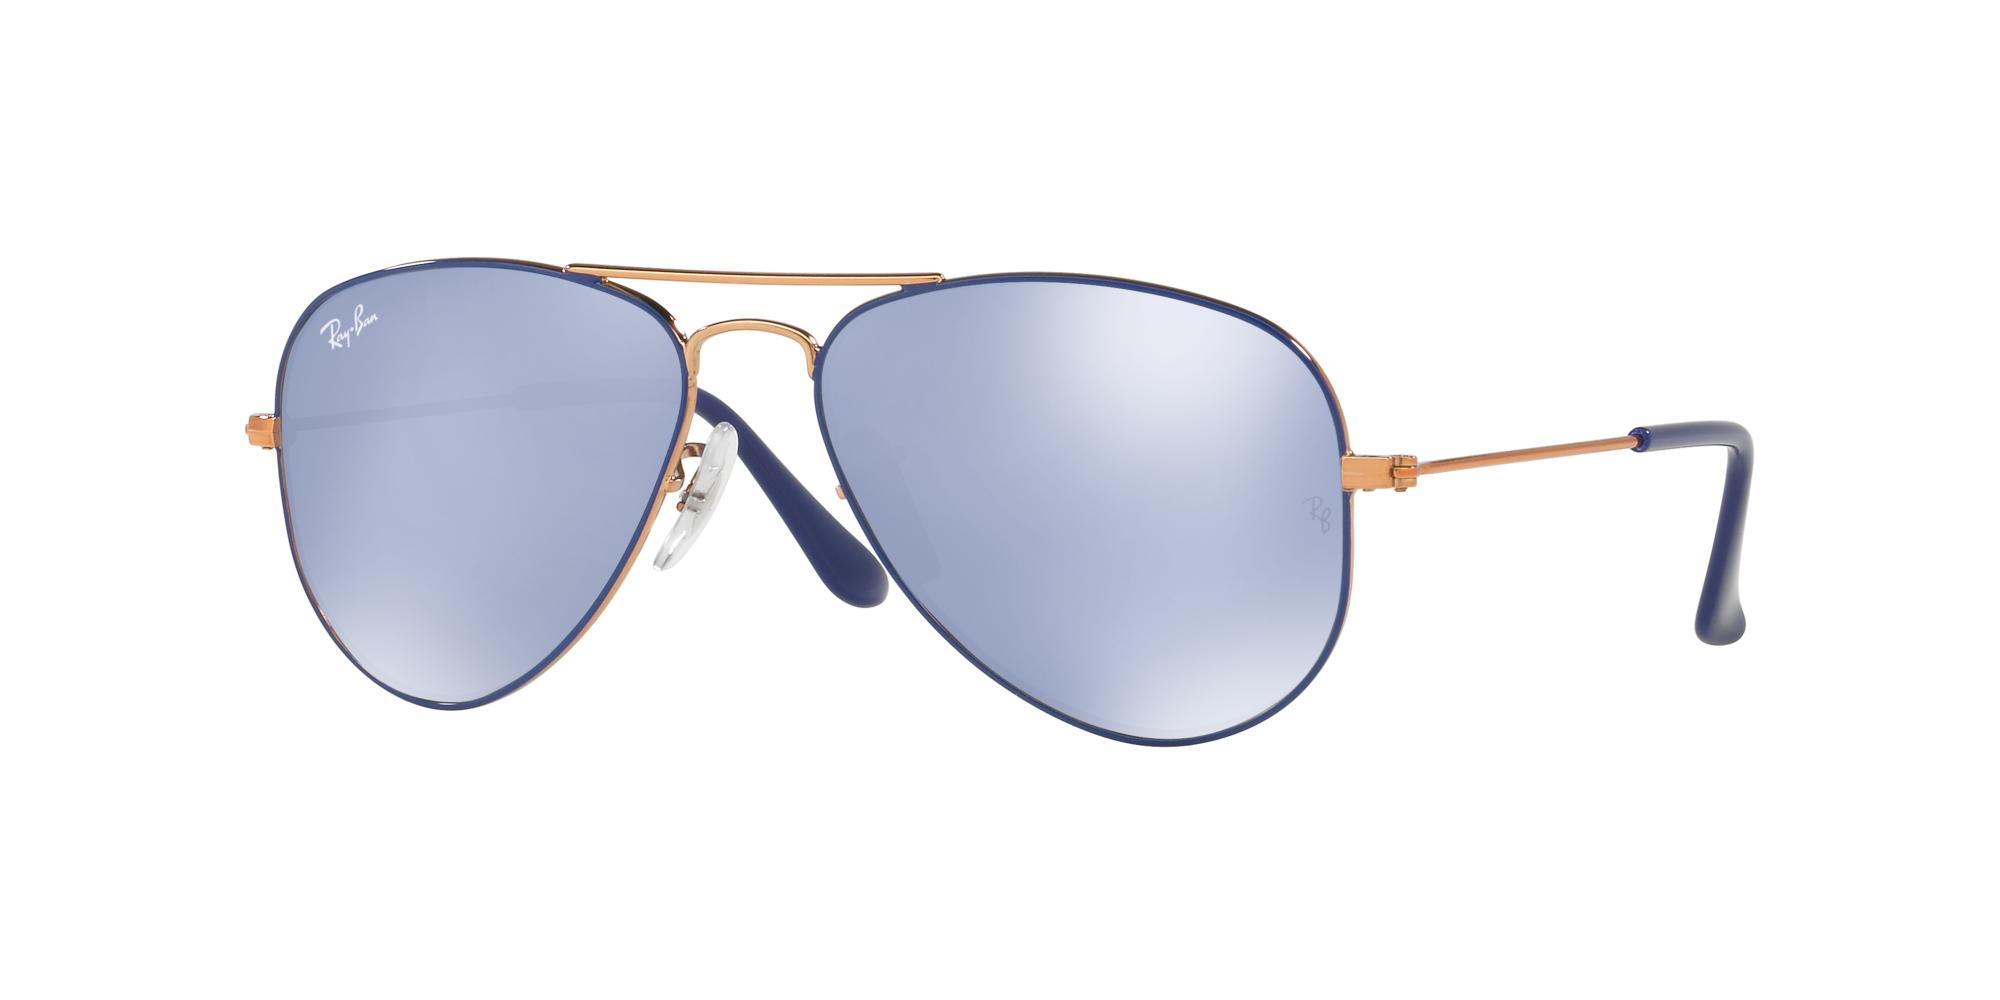 dd5842ae8b5 Eyewear for Kids - Blue 8-10 years - Optiwow